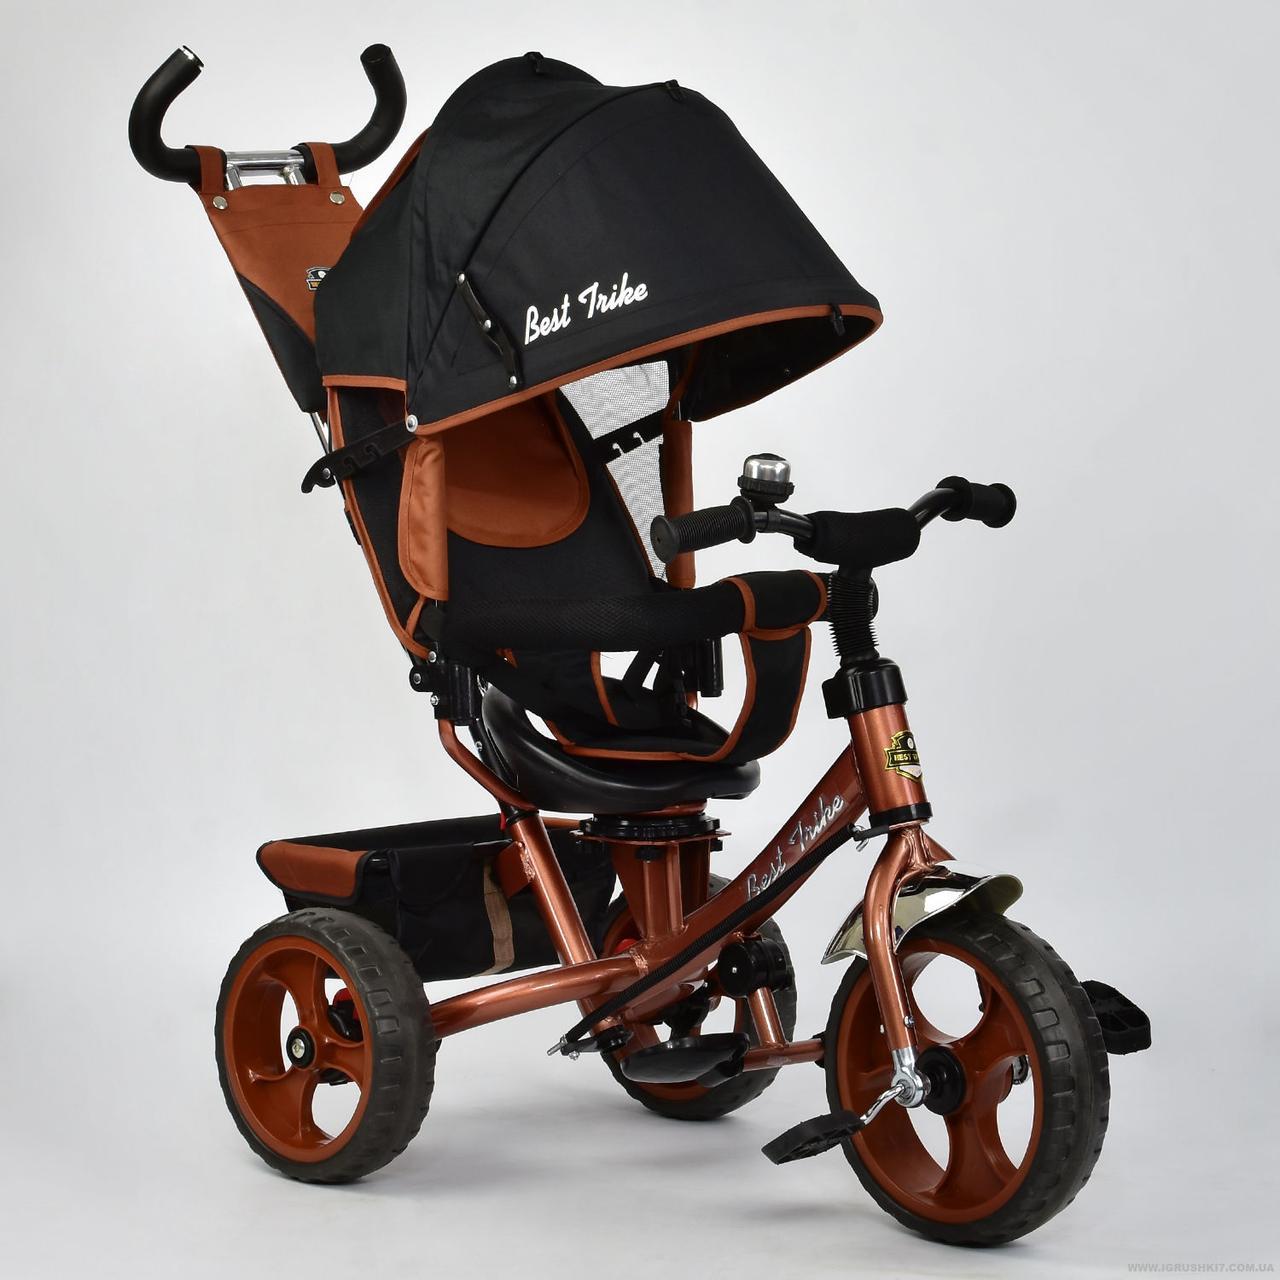 Велосипед 6570 3-х колёсный Best Trike (1) БРОНЗОВЫЙ, переднее колесо 12 дюймов d=28см, заднее 10 дюймов